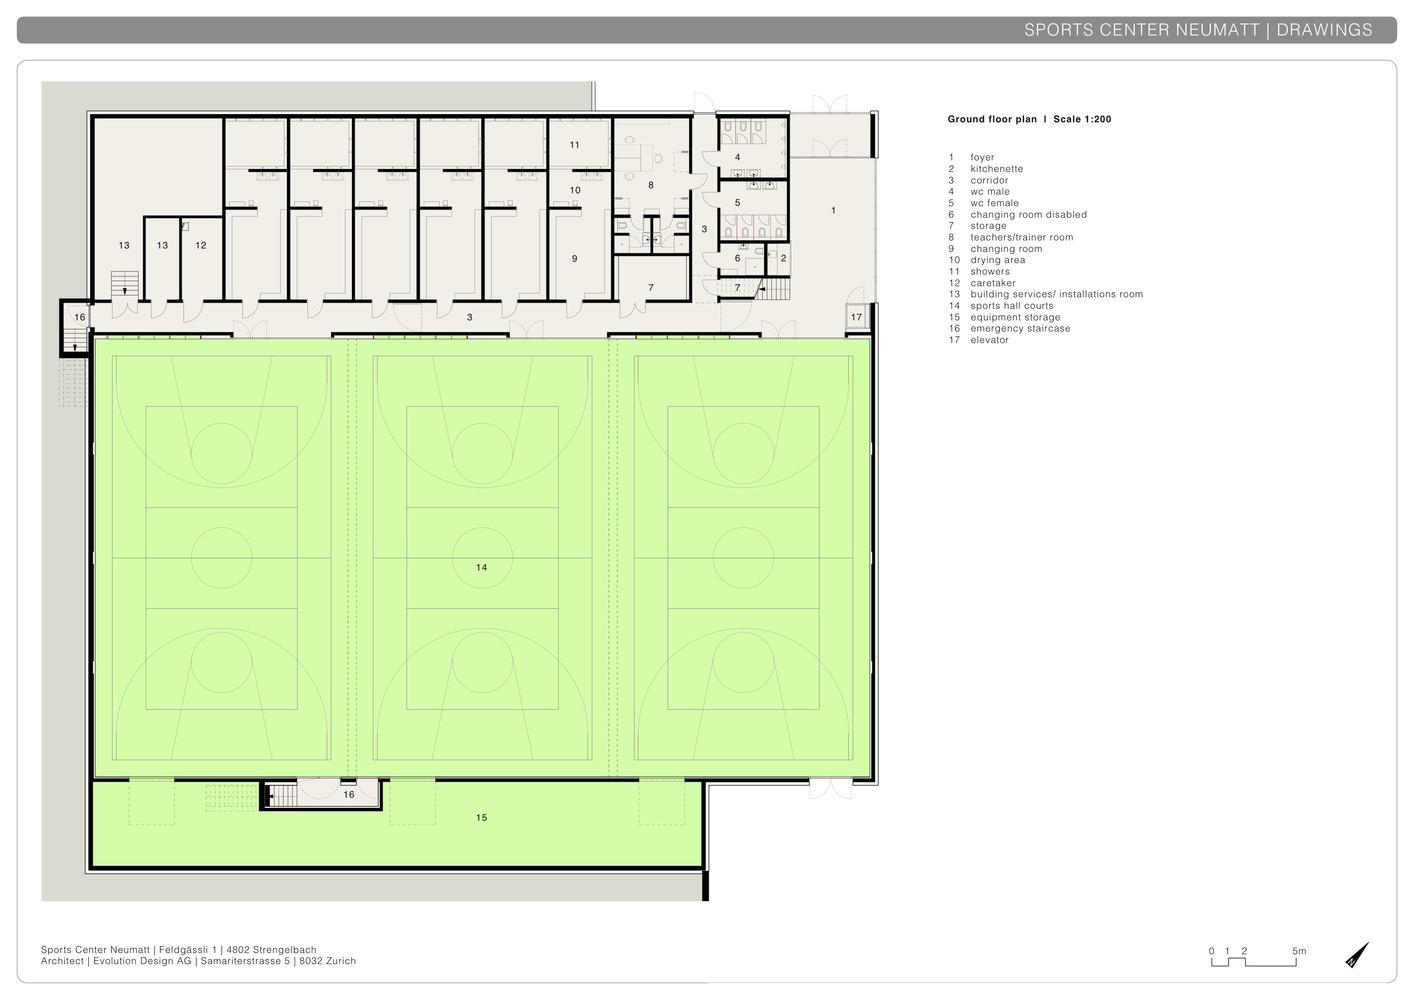 Gallery of Neumatt Sports Center Evolution Design 30